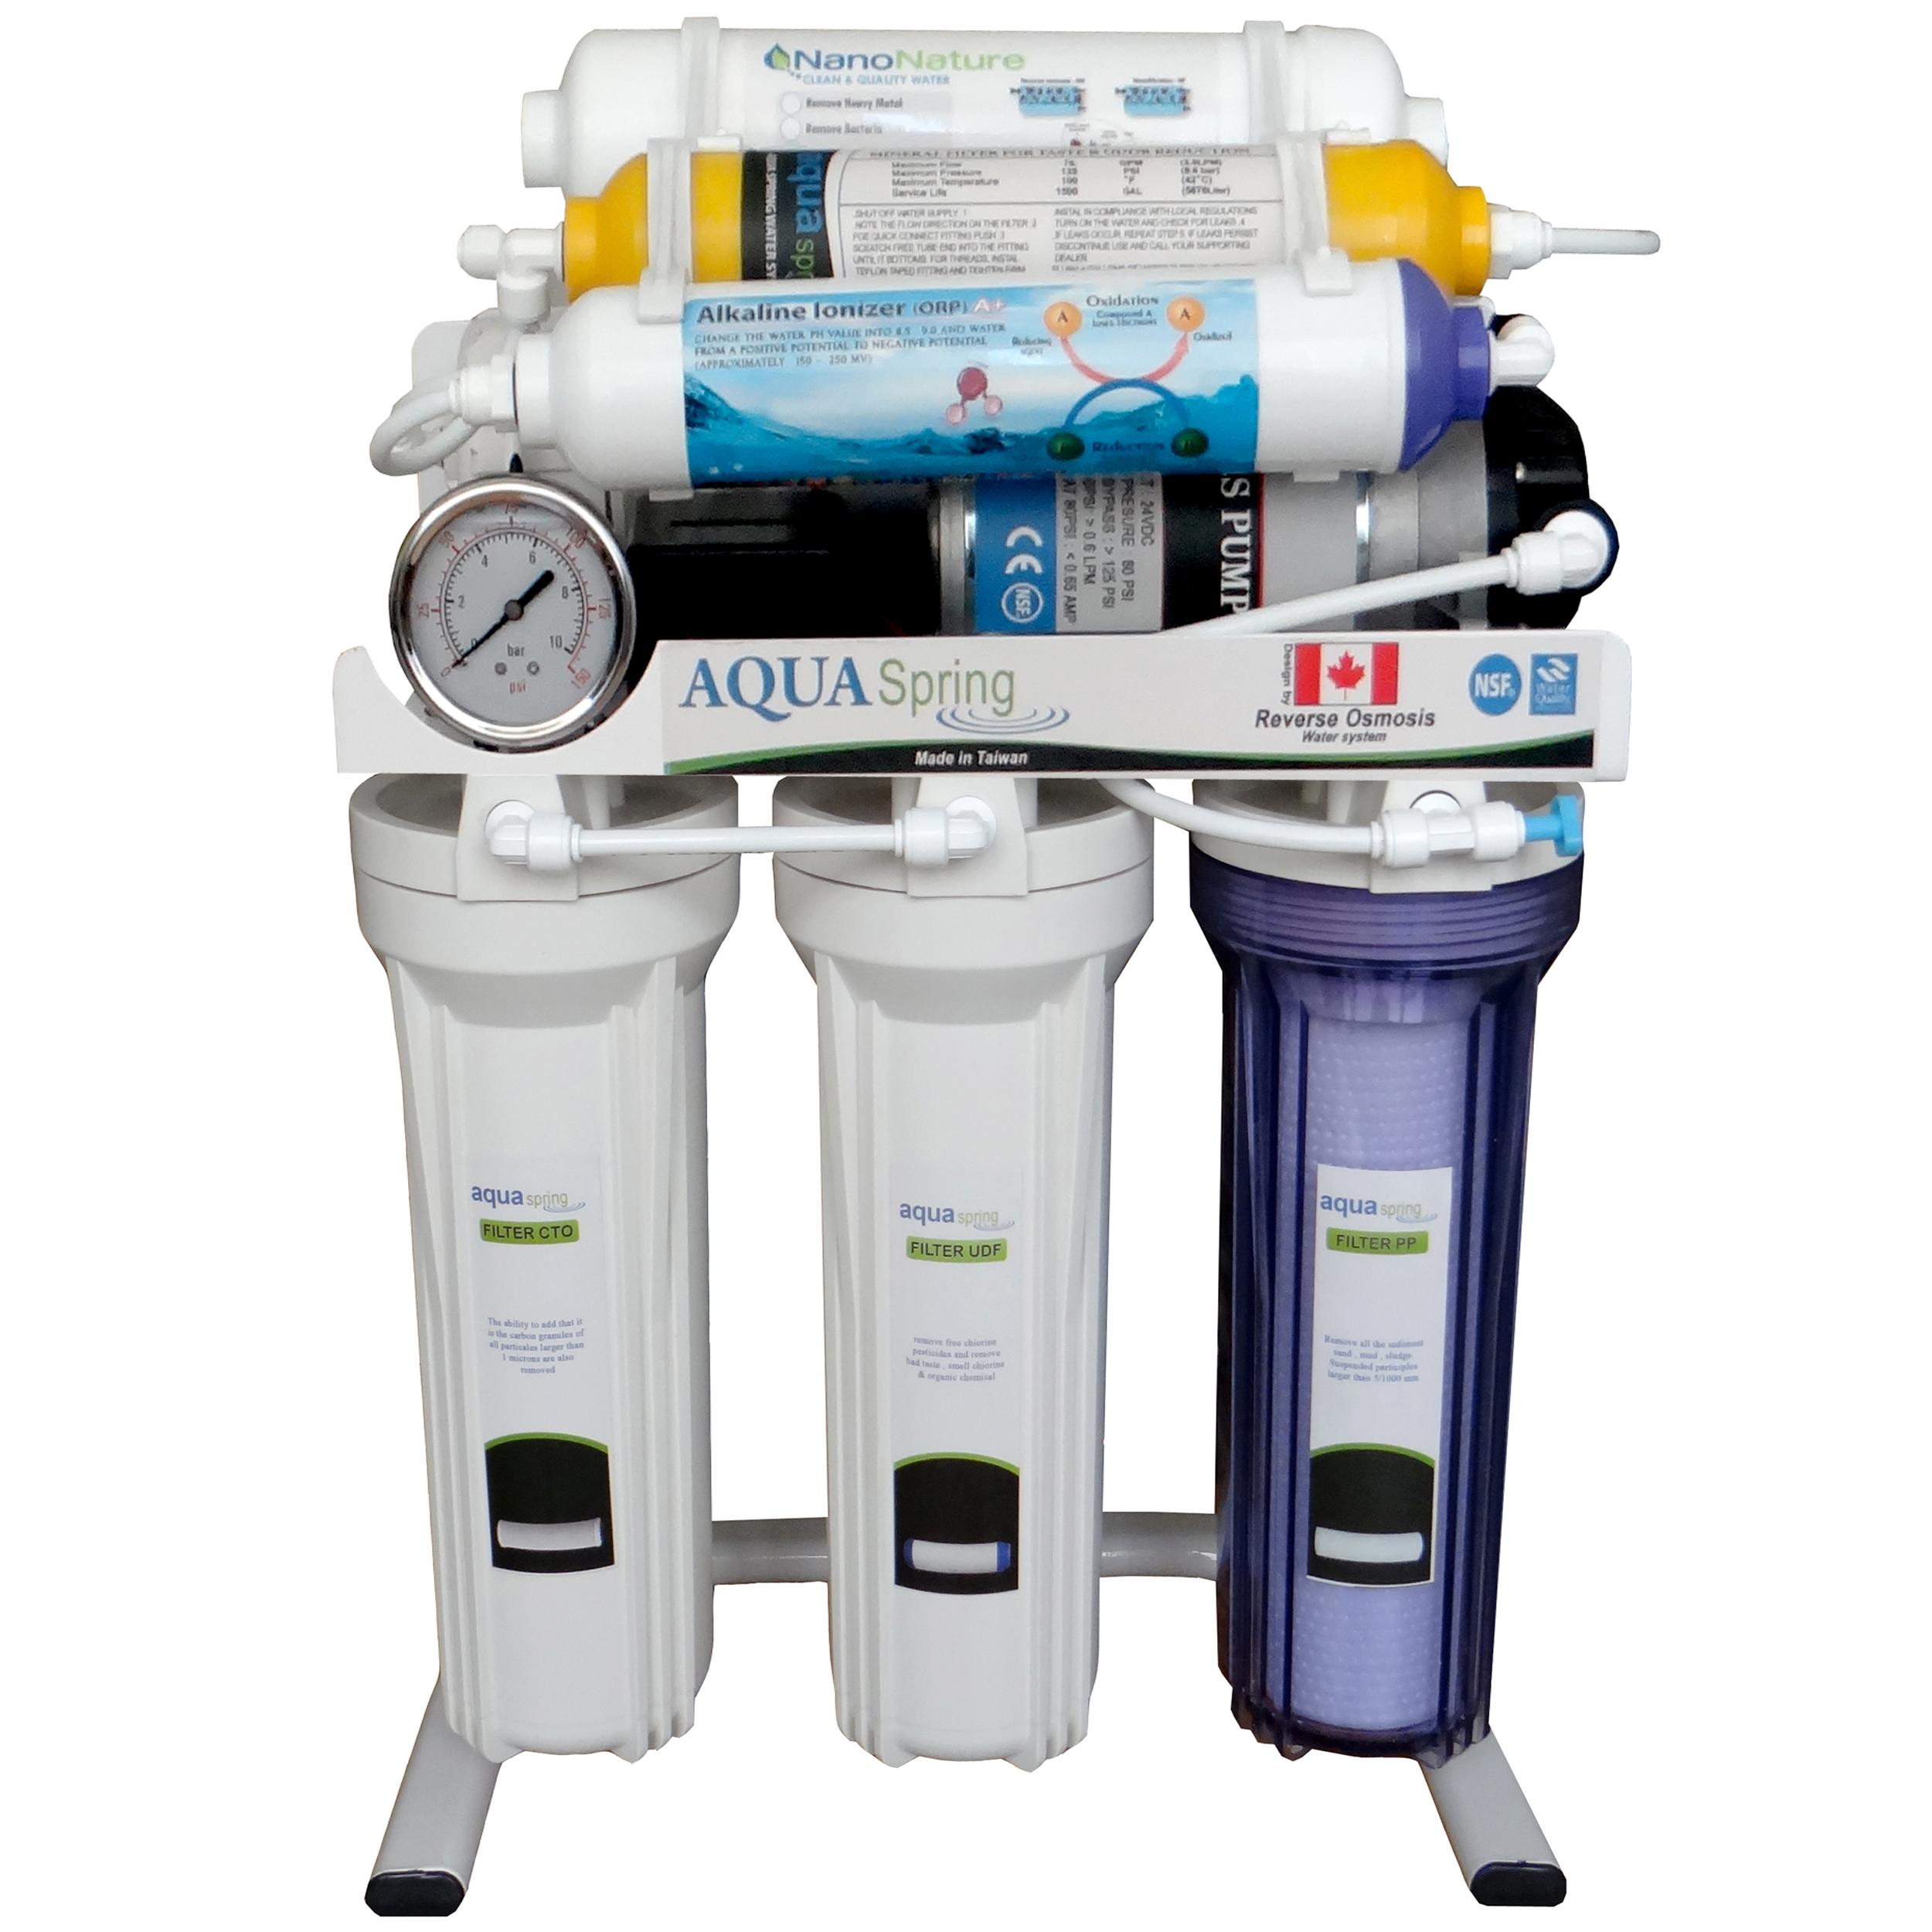 دستگاه تصفیه کننده آب  آکوآ اسپرینگ مدل RO-S8-NATURE1400